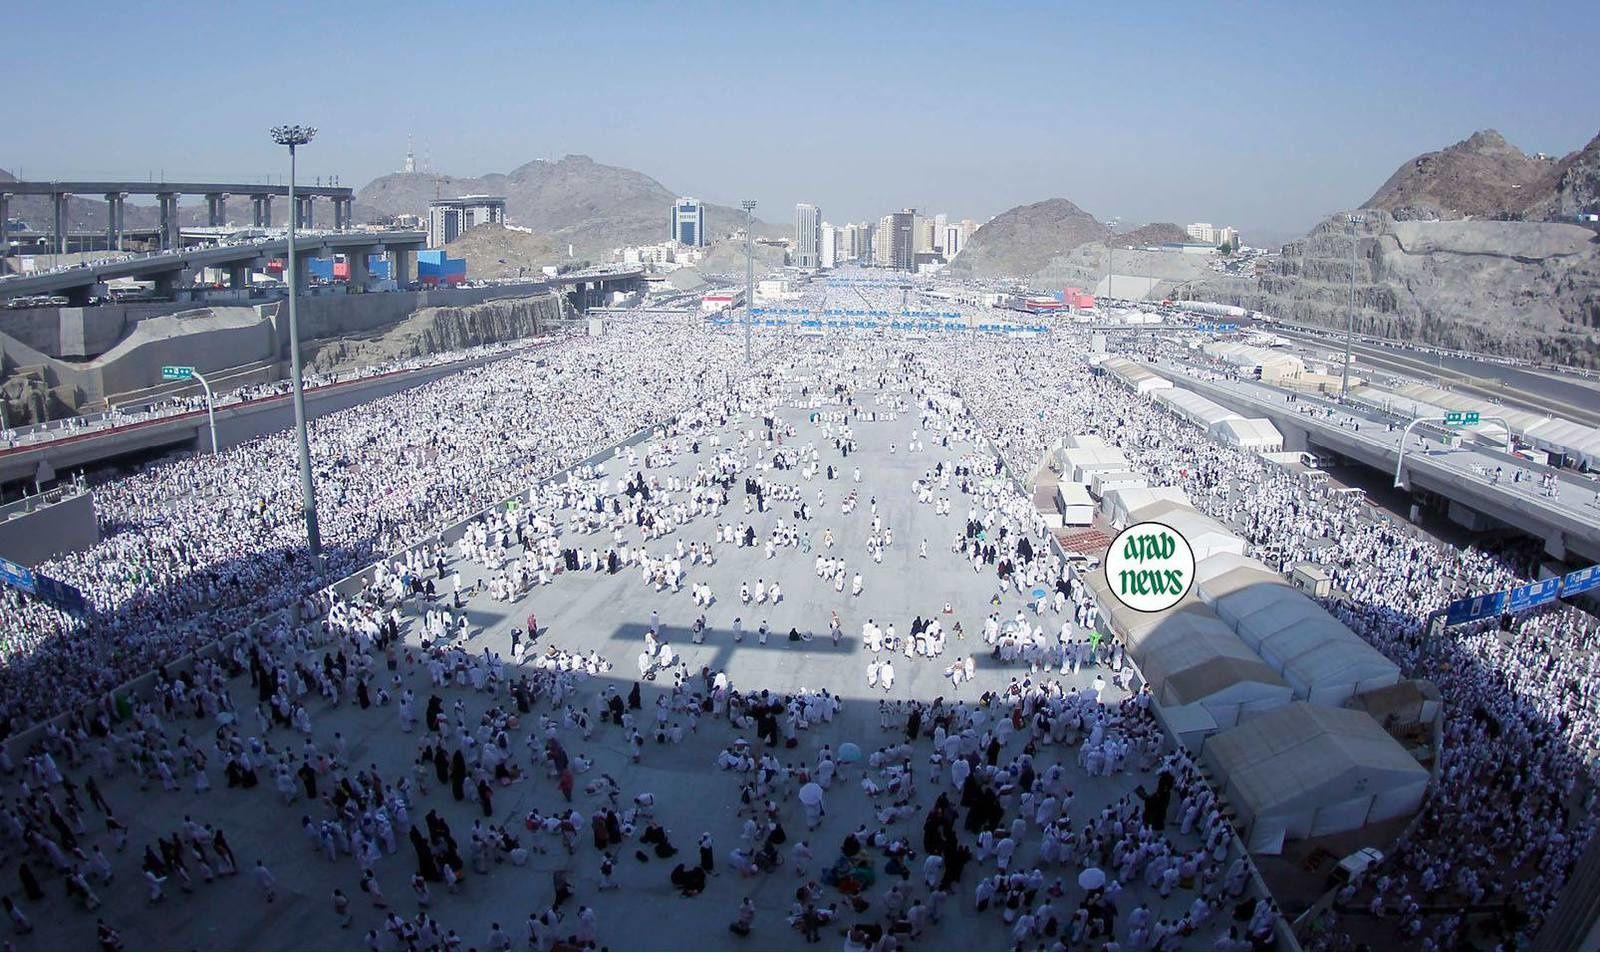 Quelques images du Hajj 2014